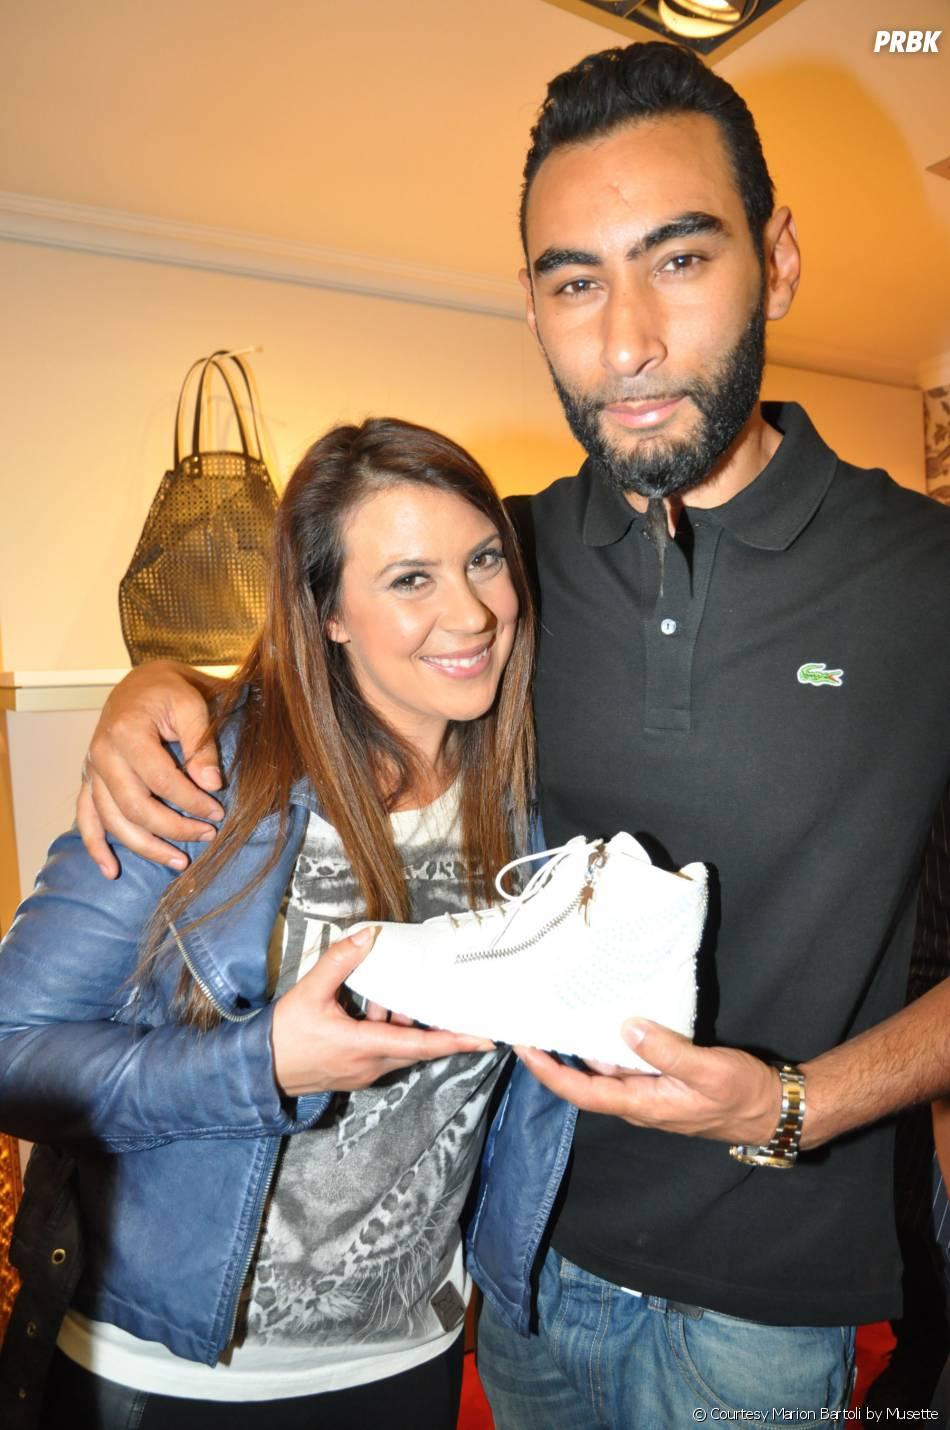 Marion Bartoli et La Fouine, complices à la soirée de lancement des sneakers Marion Bartoli by Musette, le 2 juin 2014 à Paris